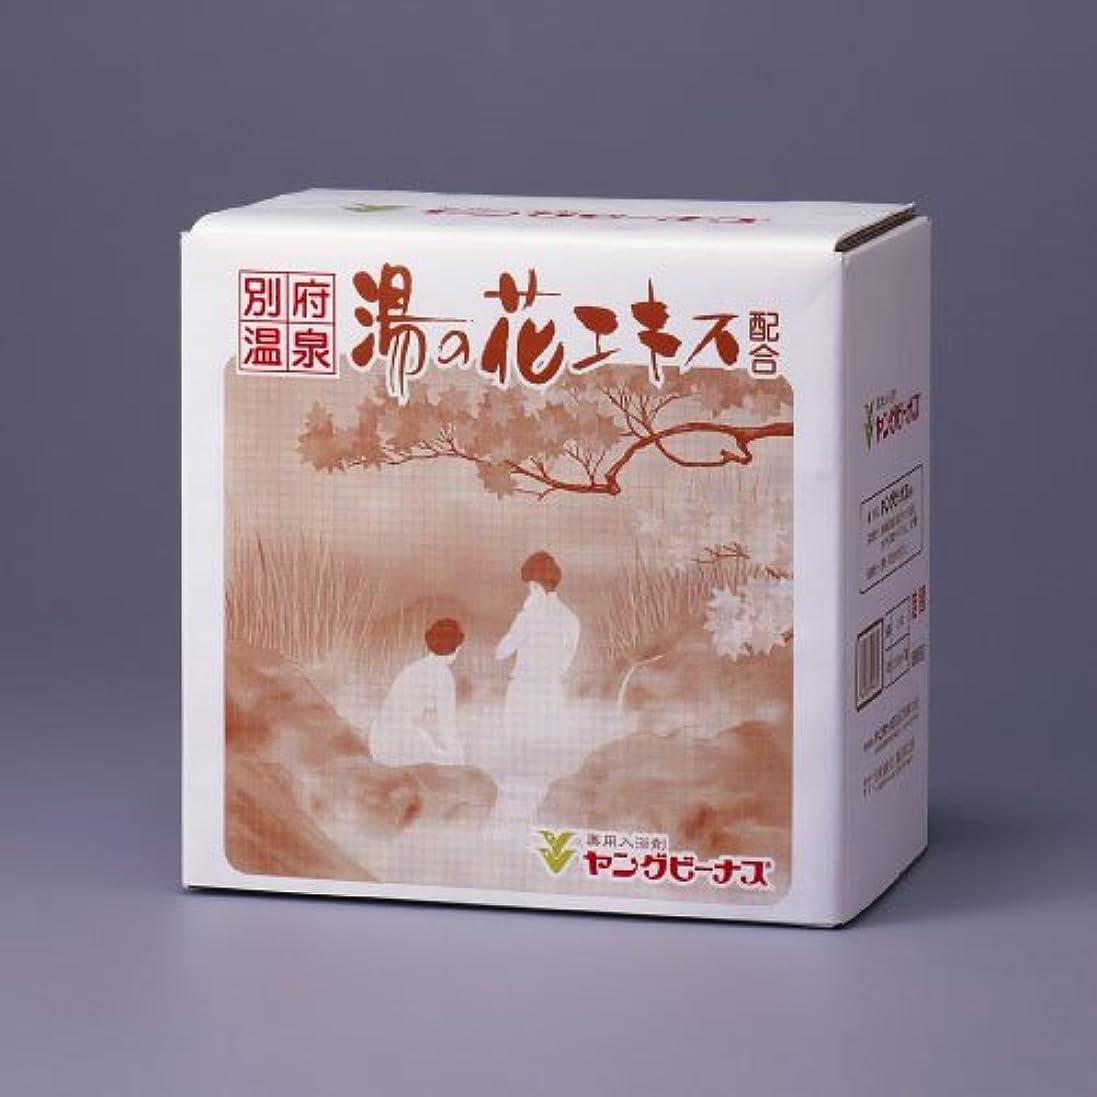 ドラフトドラフトコンサルタント薬用入浴剤ヤングビーナスSv C-60【5.6kg】(詰替2.8kg2袋) [医薬部外品]